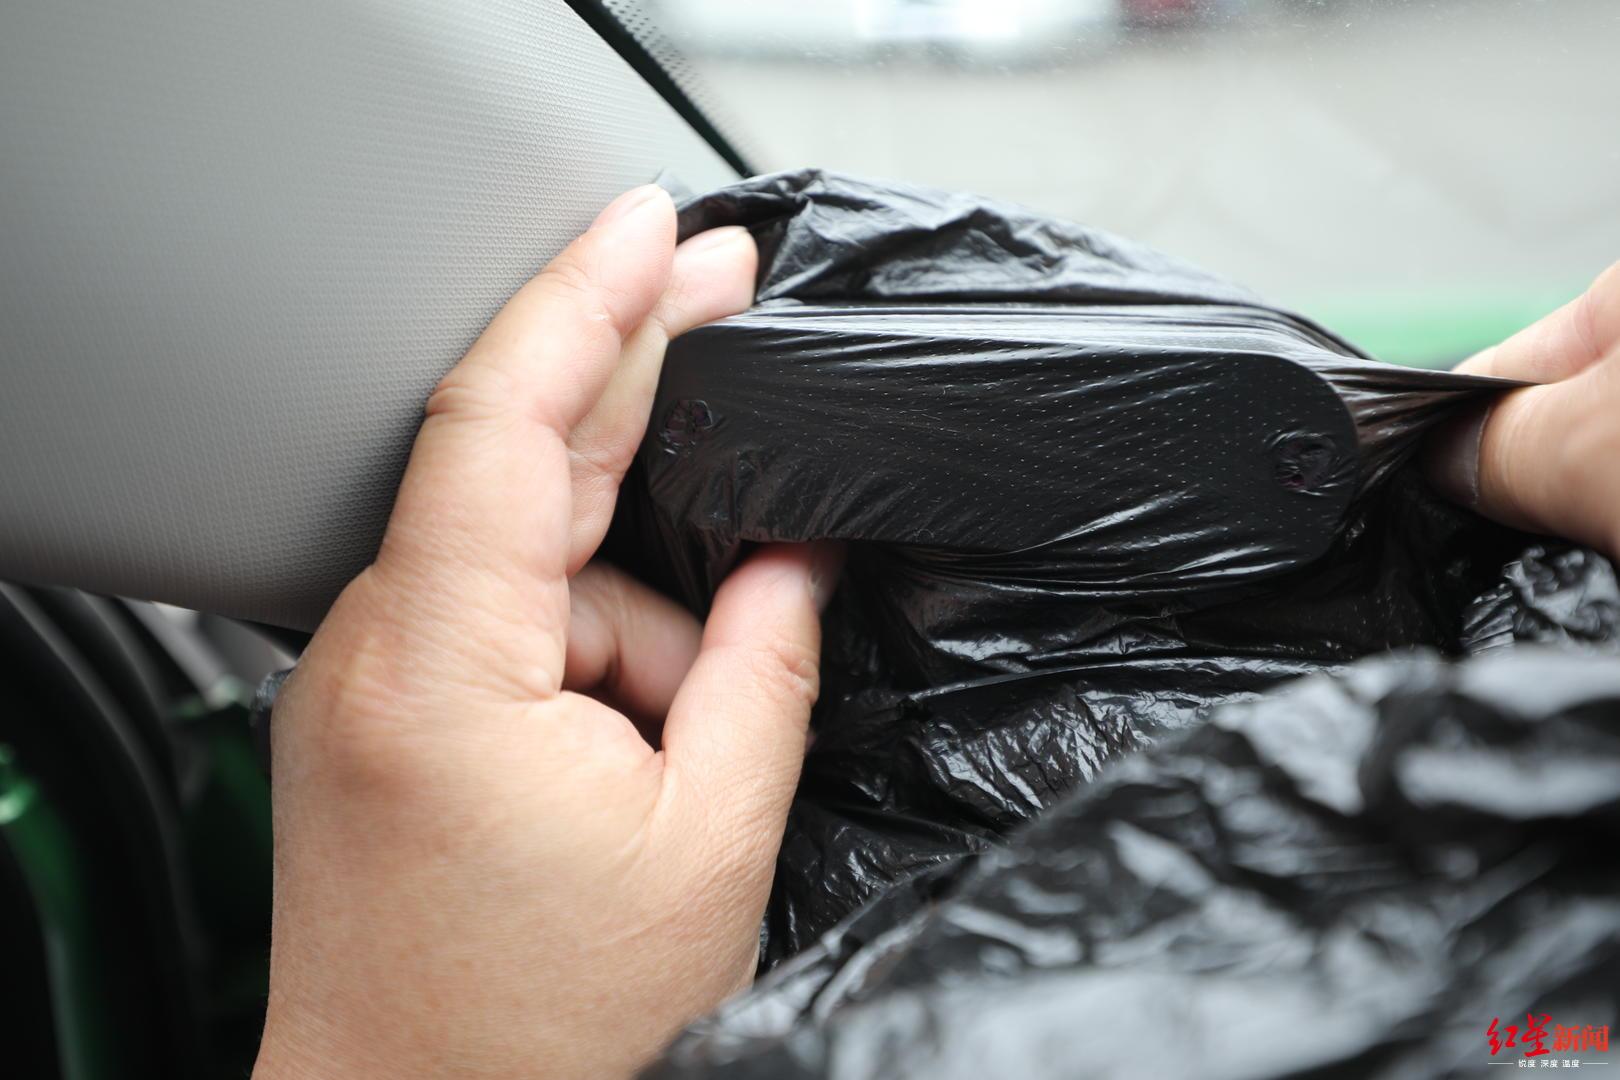 囡囡百度影音出租车监控设备十几秒射穿塑料袋